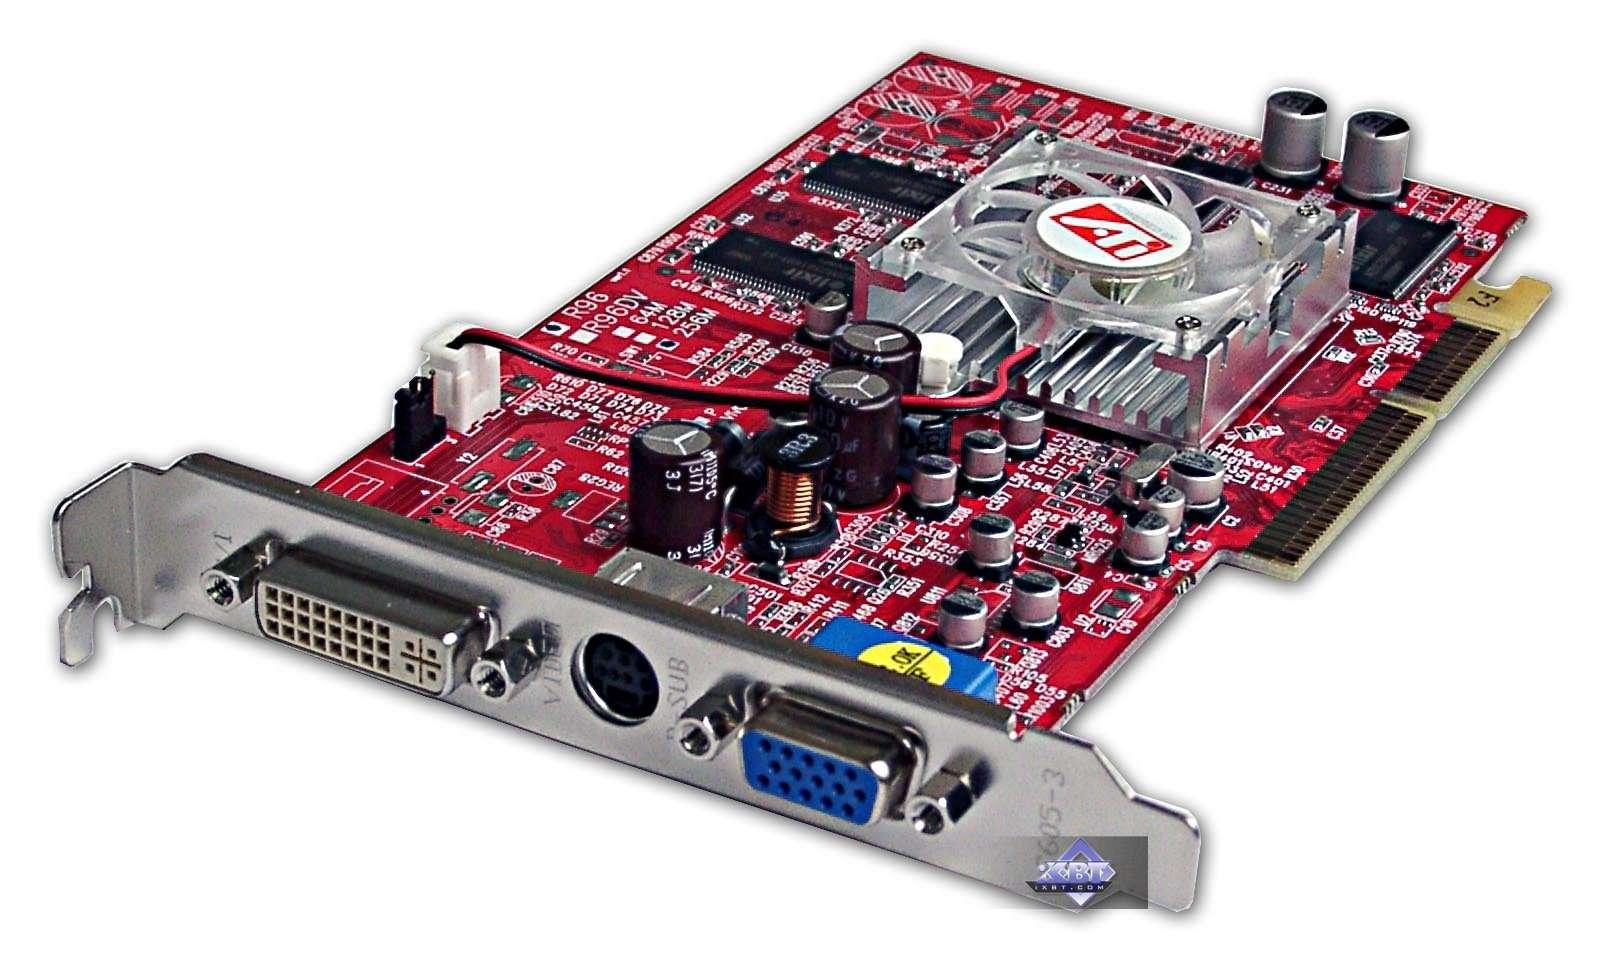 скачать драйвер для видеокарты radeon /9600